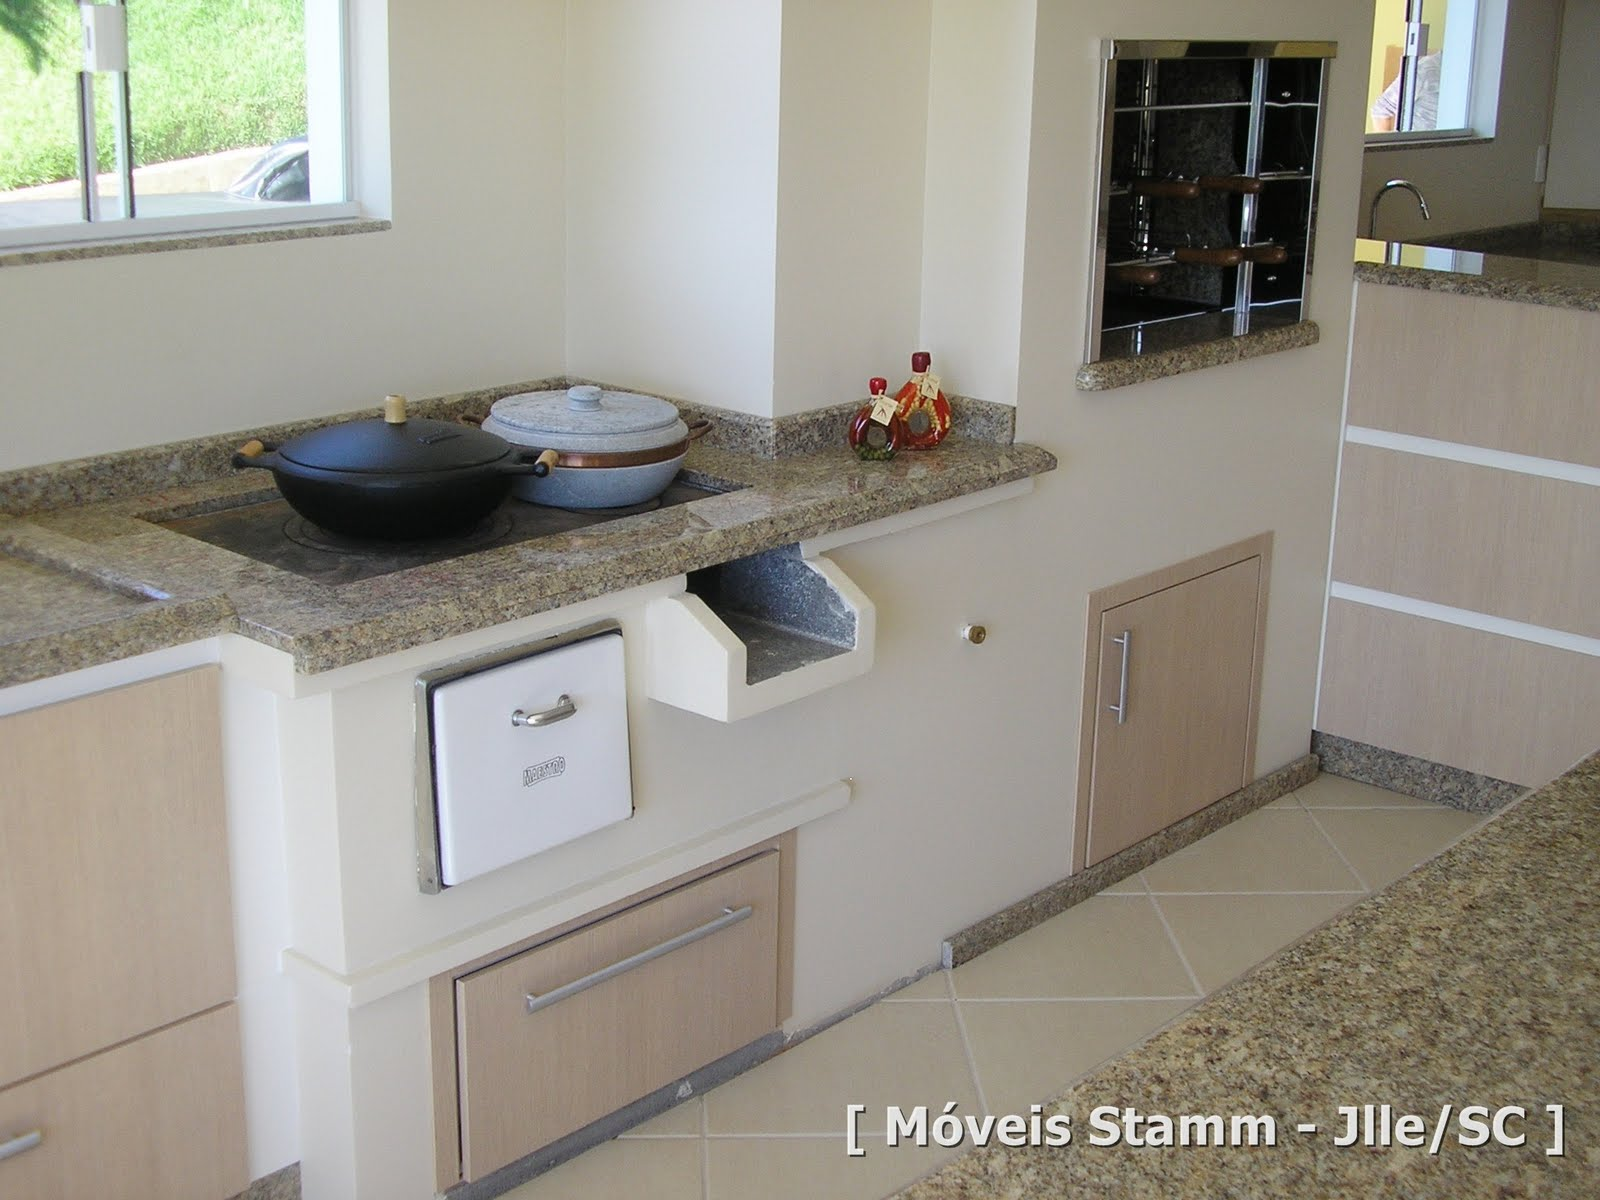 Móveis Stamm: Cozinha e Churrasqueira Romeu #4C5F79 1600 1200